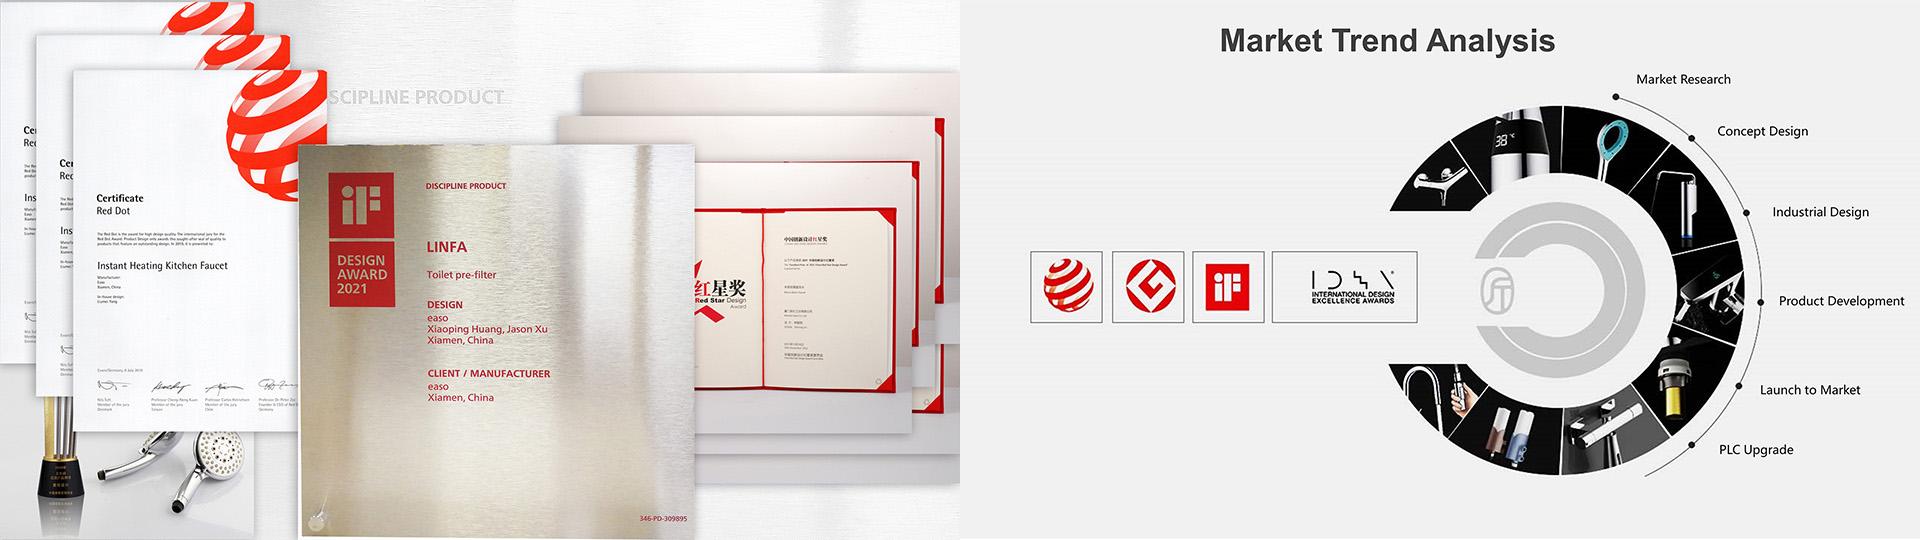 EASO Design Innovation-2